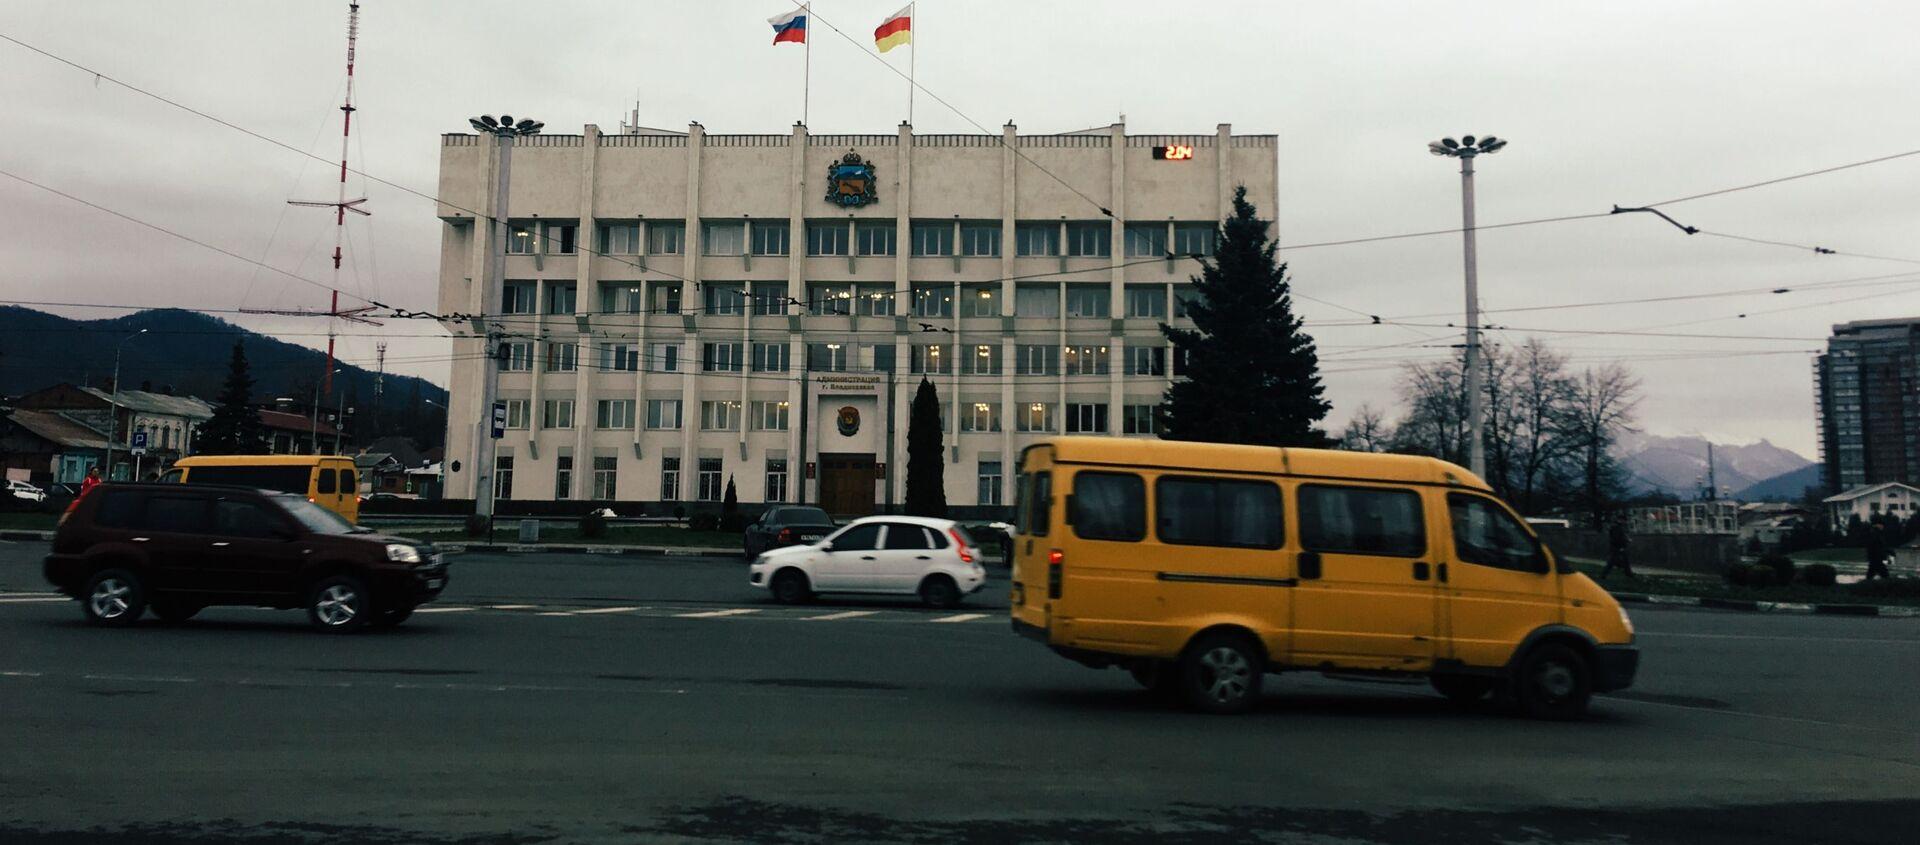 Администрация местного самоцправления Владикавказа - Sputnik Южная Осетия, 1920, 08.09.2021